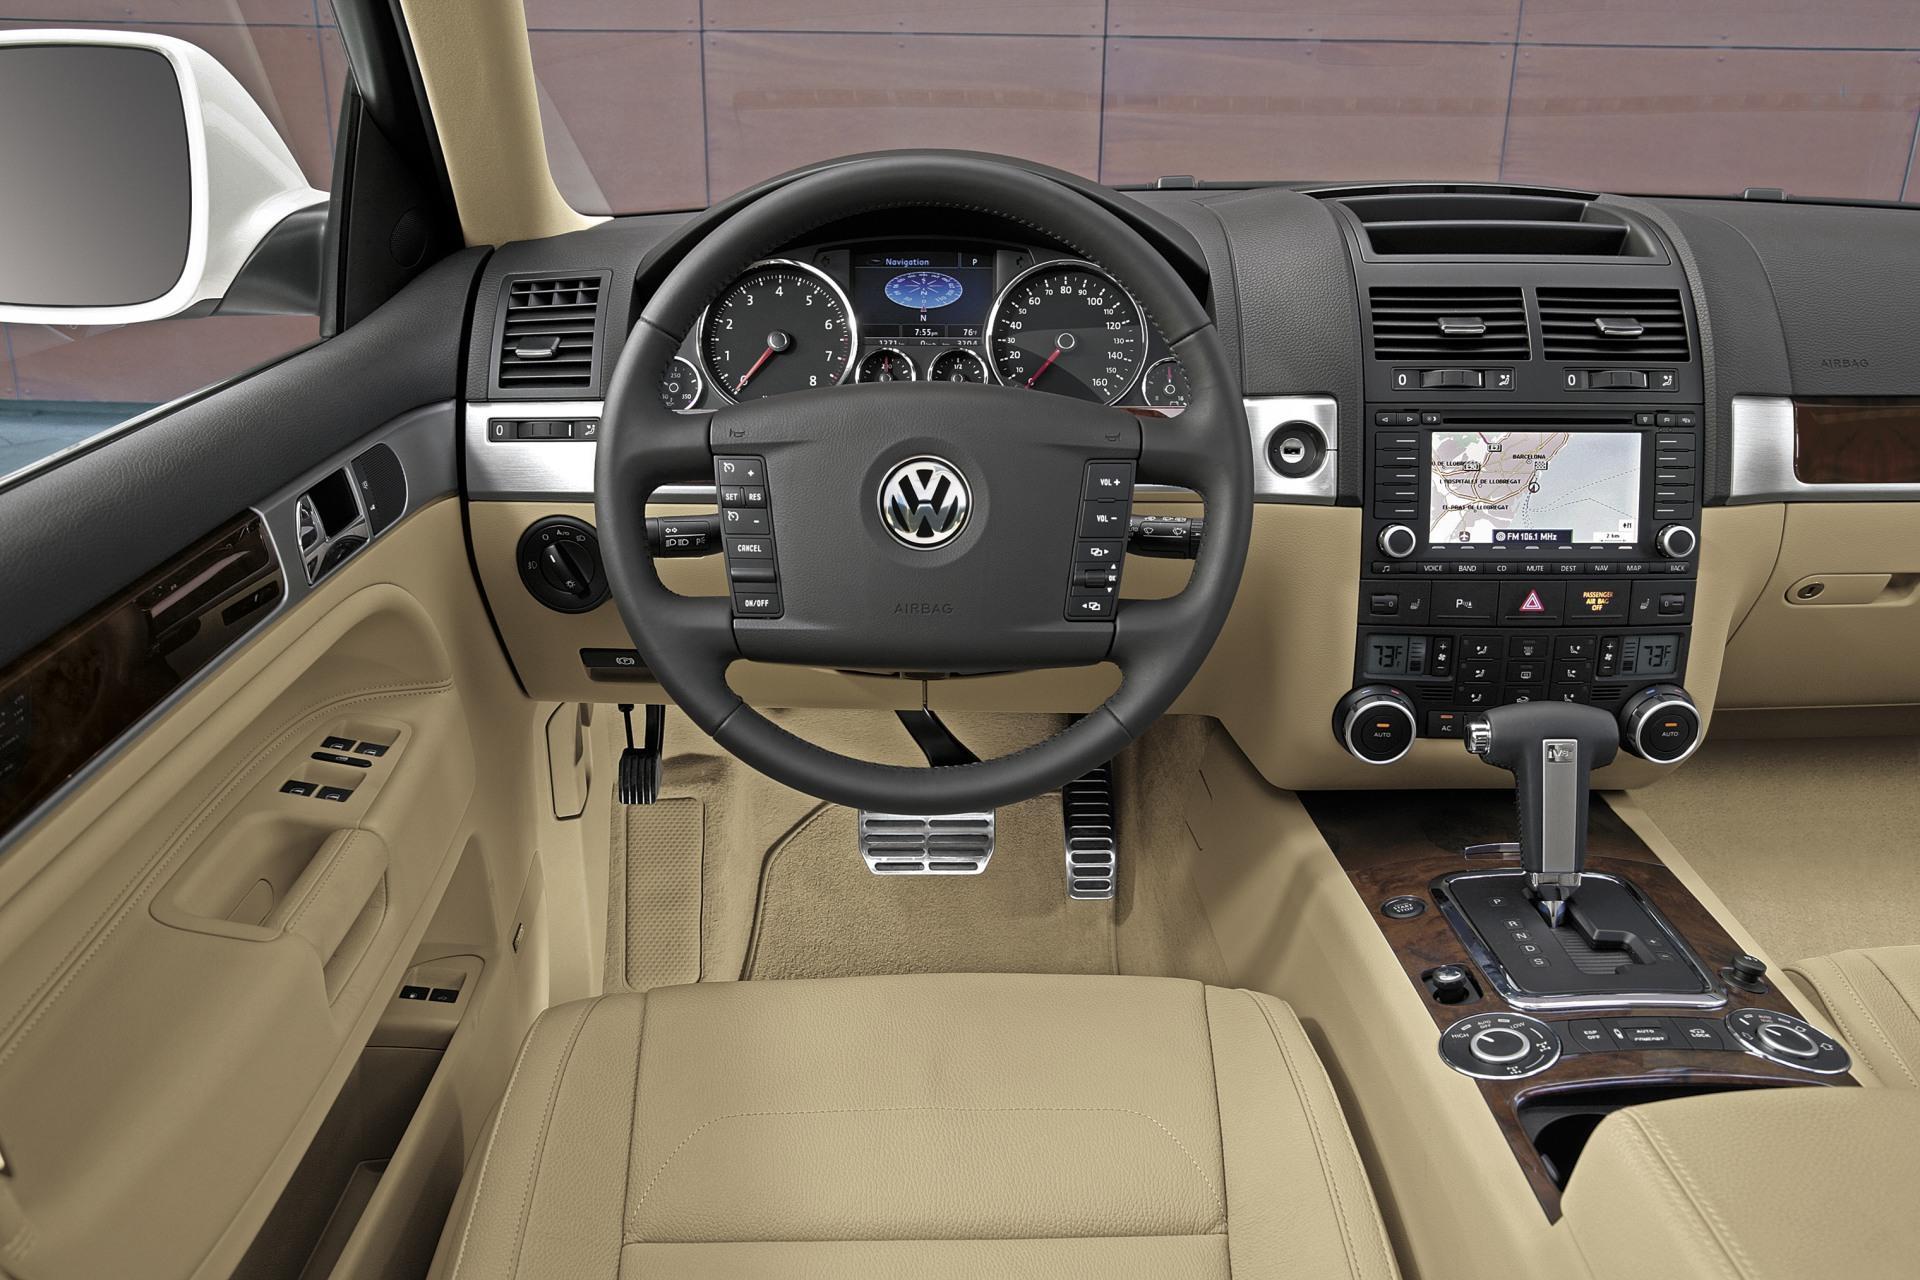 2008 Volkswagen Touareg R50 Desktop Wallpaper and High ...